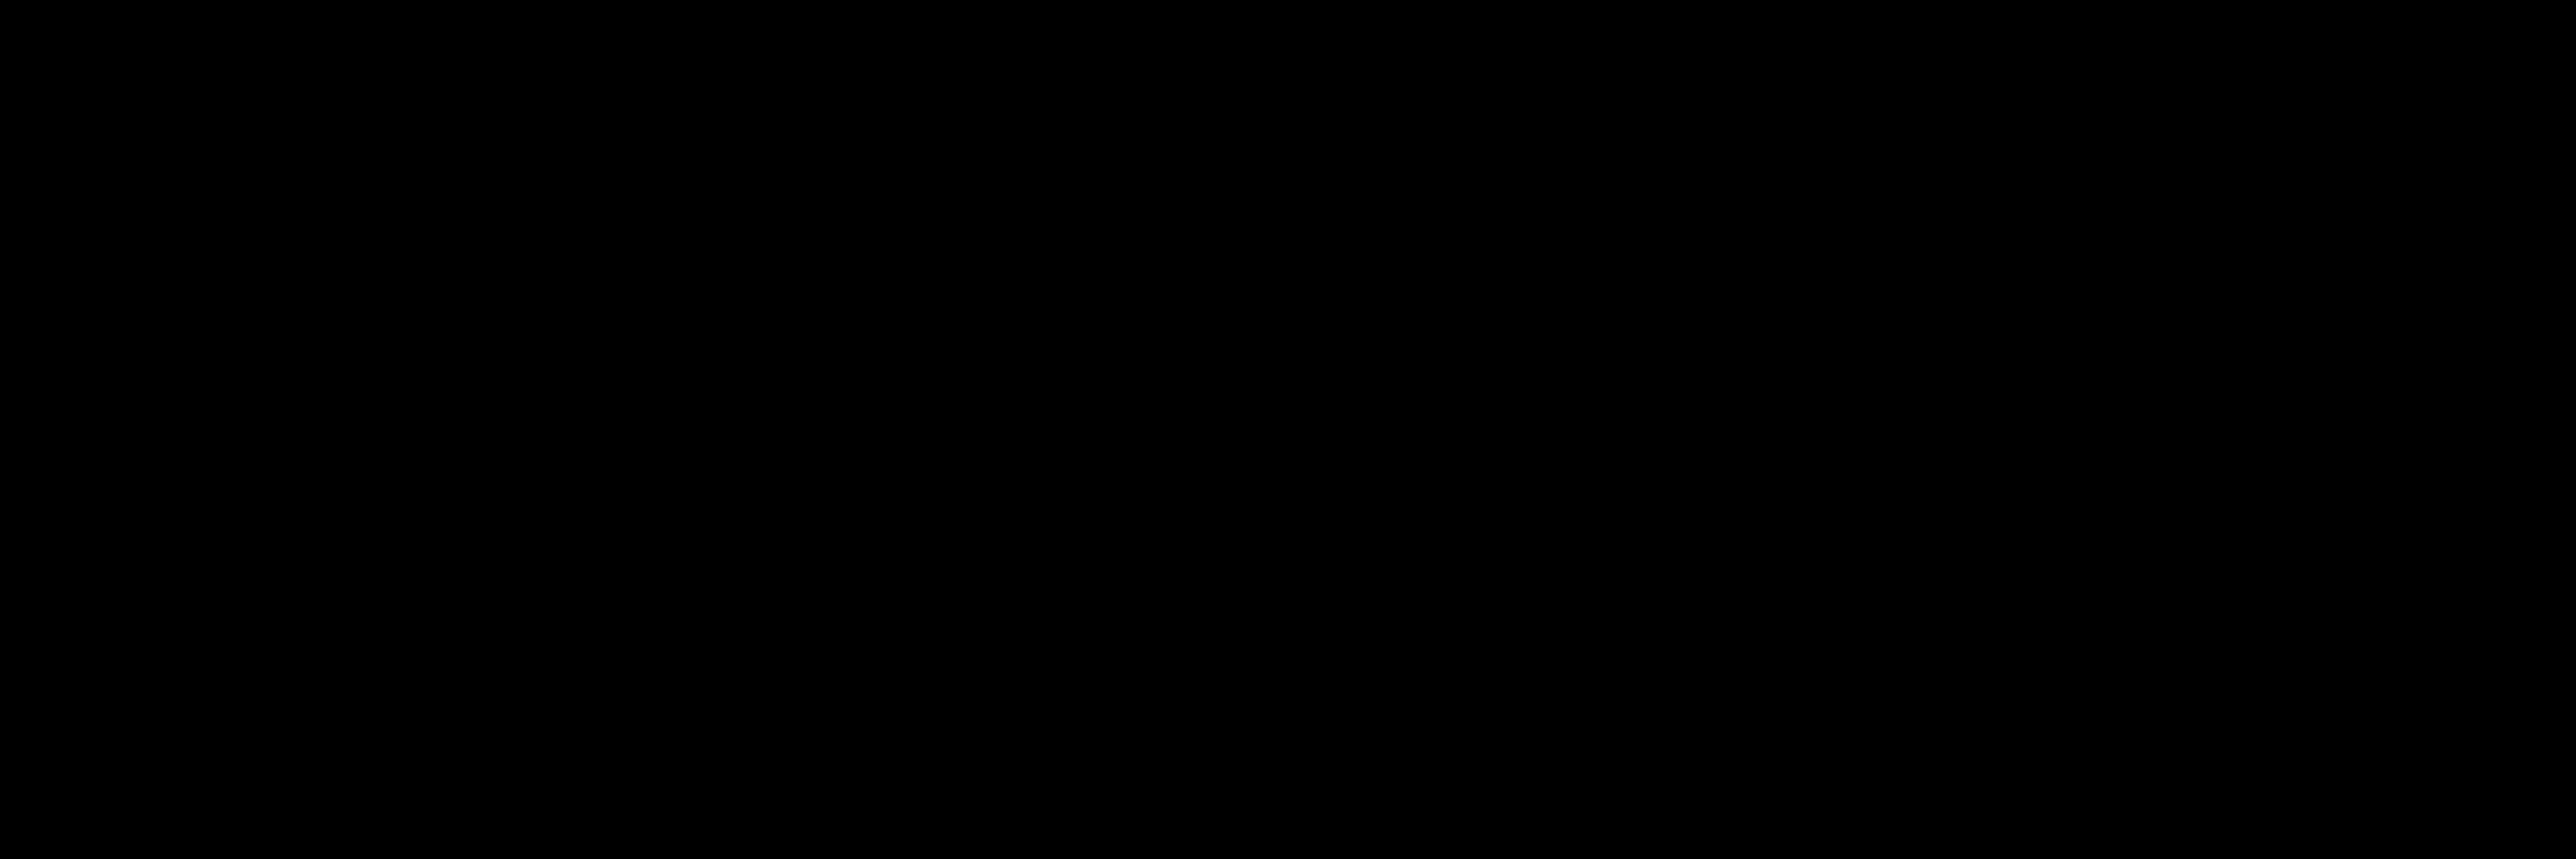 big butt latina sexting naked